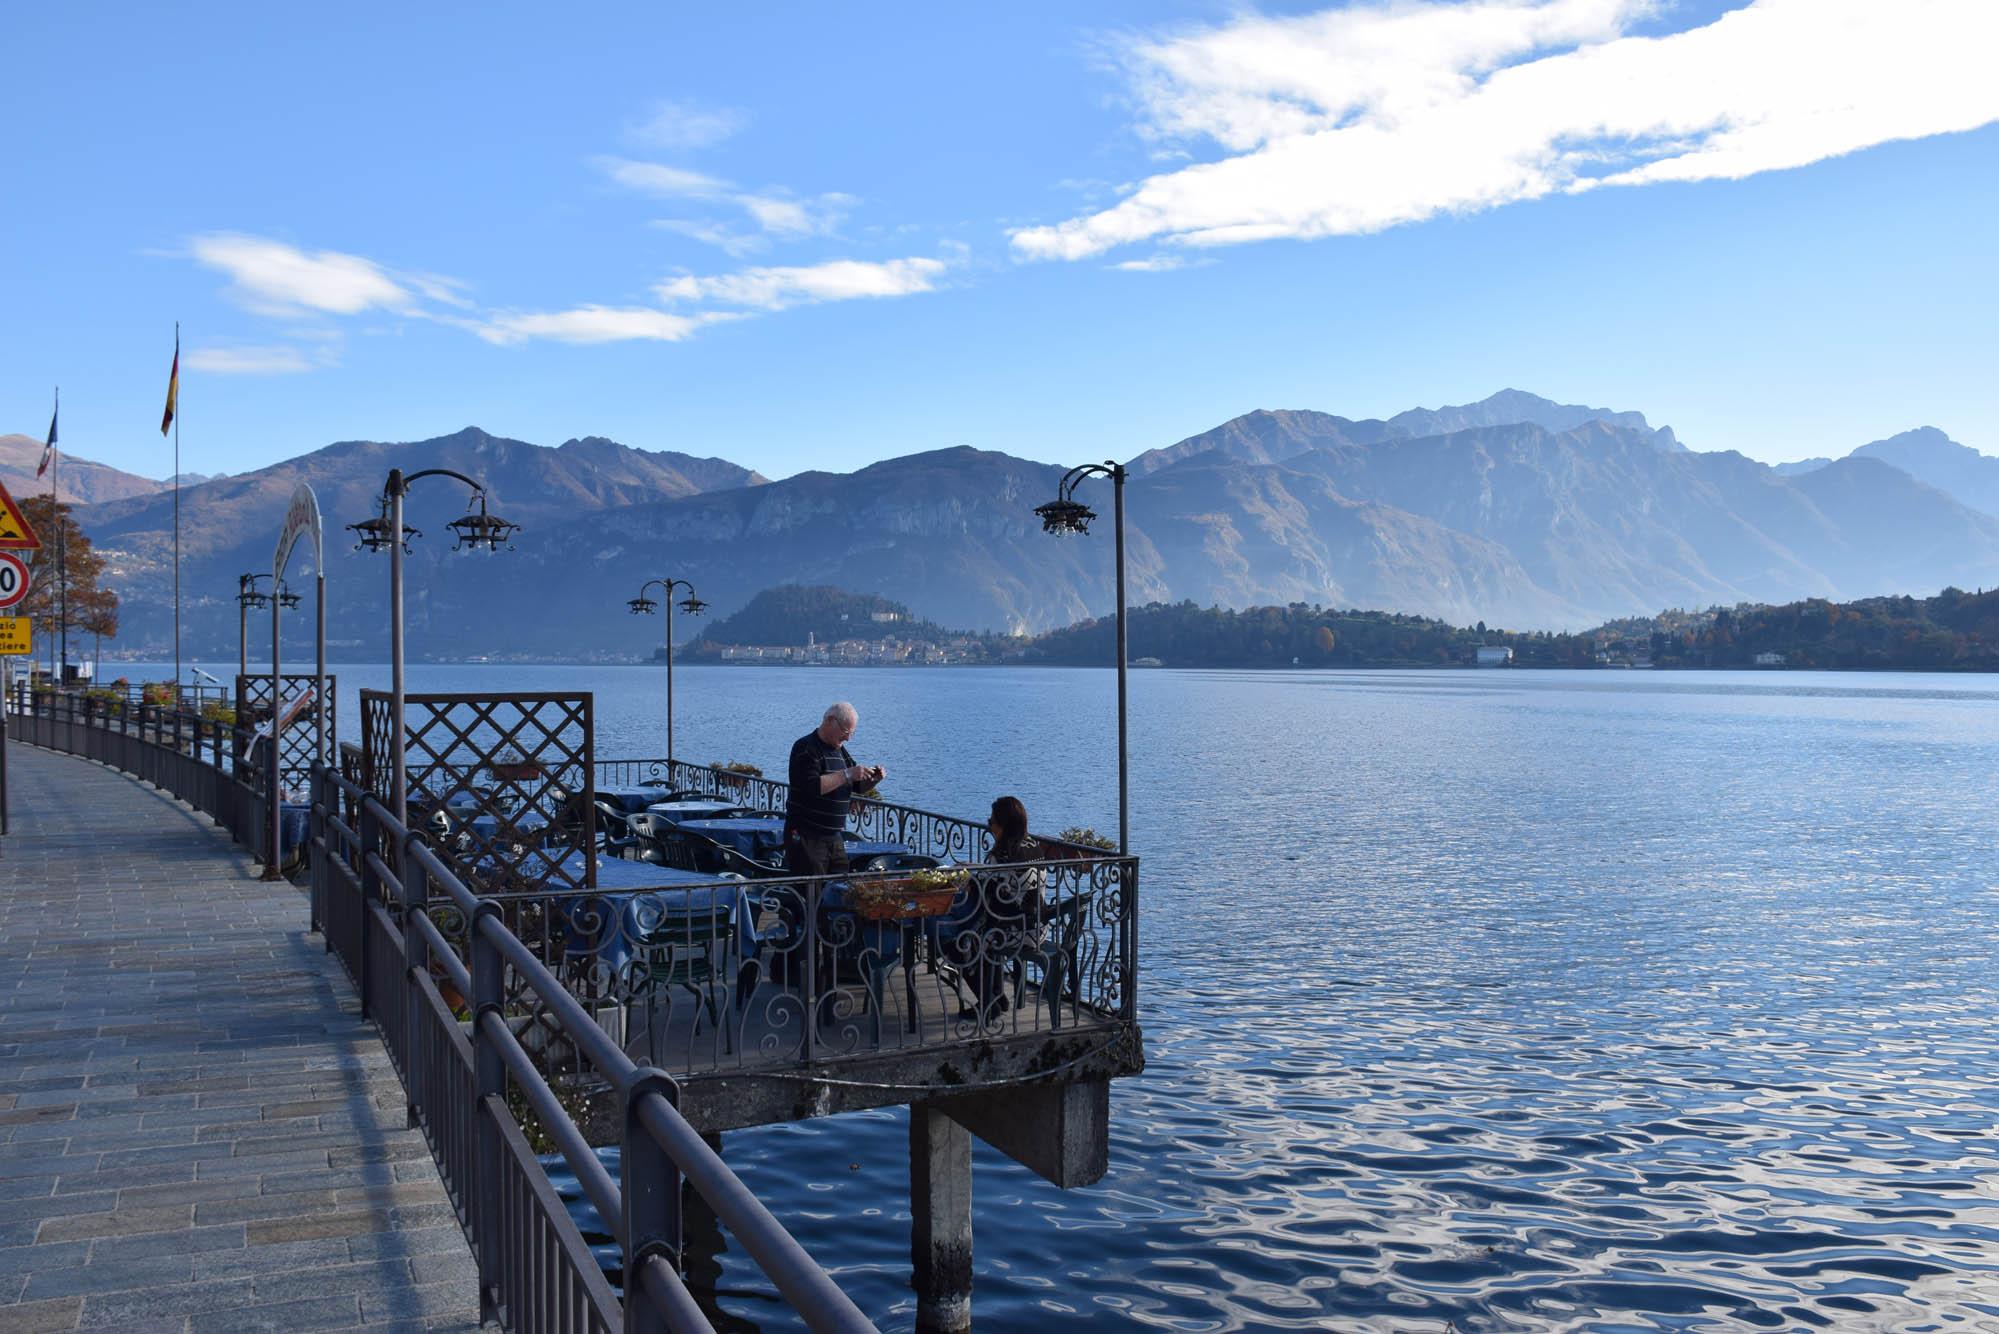 restaurantes-lago-di-como-azalea-tremezzina